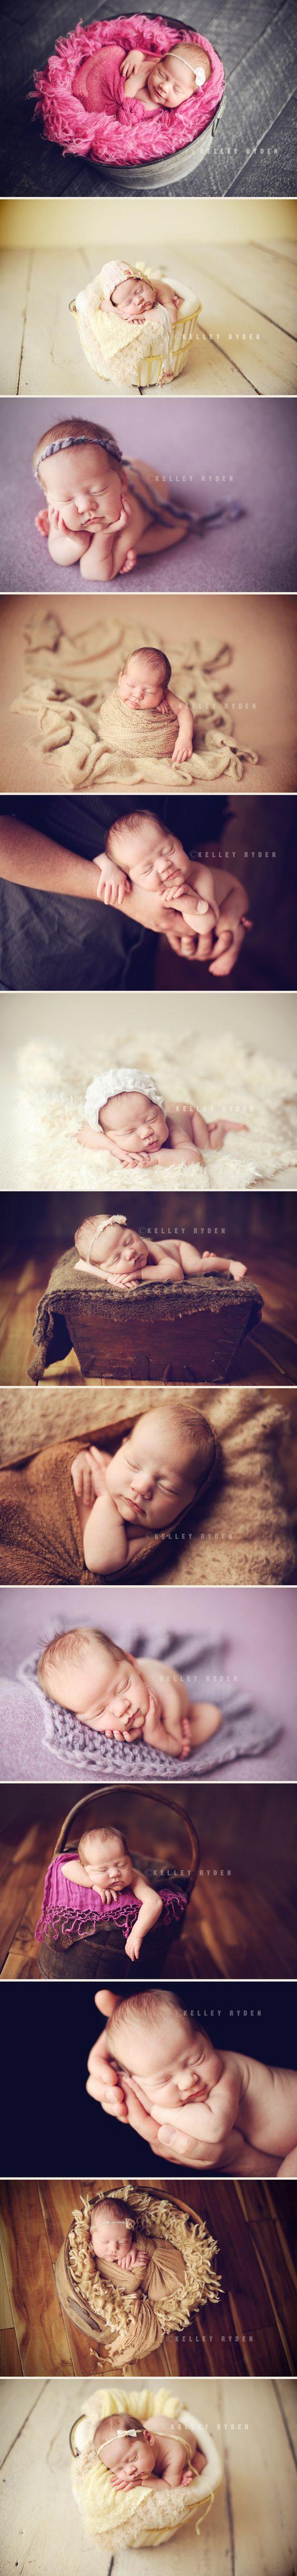 Kelley Ryden Photography: Newborn Girl Photo Ideas, Newborn Baby Girl Photography, Newborn Girl Picture, Girl Newborn Photography, Photography Newborns, Newborn Baby Photo Ideas Girl